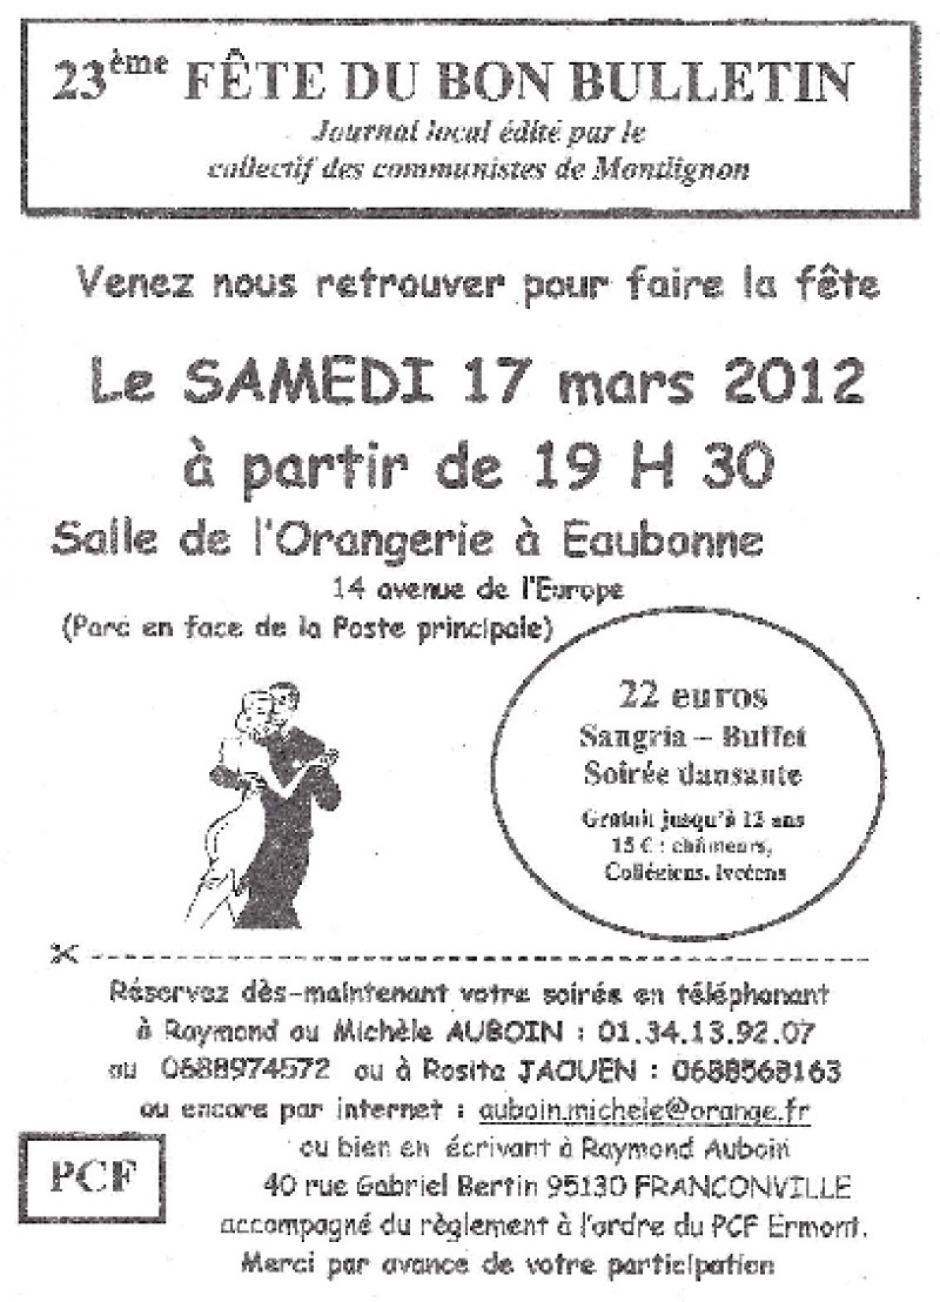 23ème fête du bon bulletin à Eaubonne le samedi 17 mars